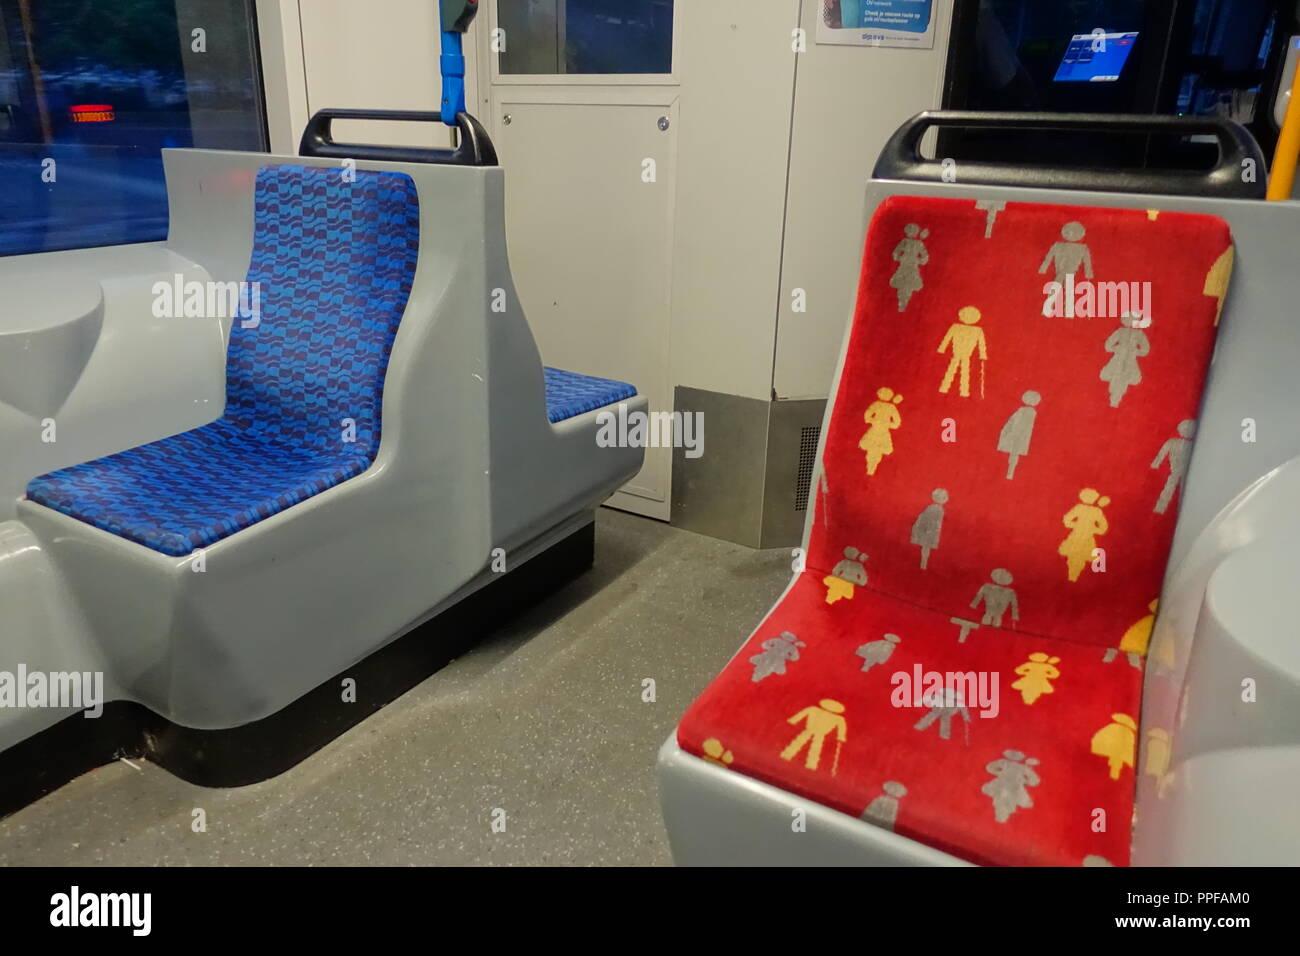 Amsterdam, Behindertenplatz in einer Straßenbahn - Amsterdam, Disabled Seat in Tramway Stock Photo